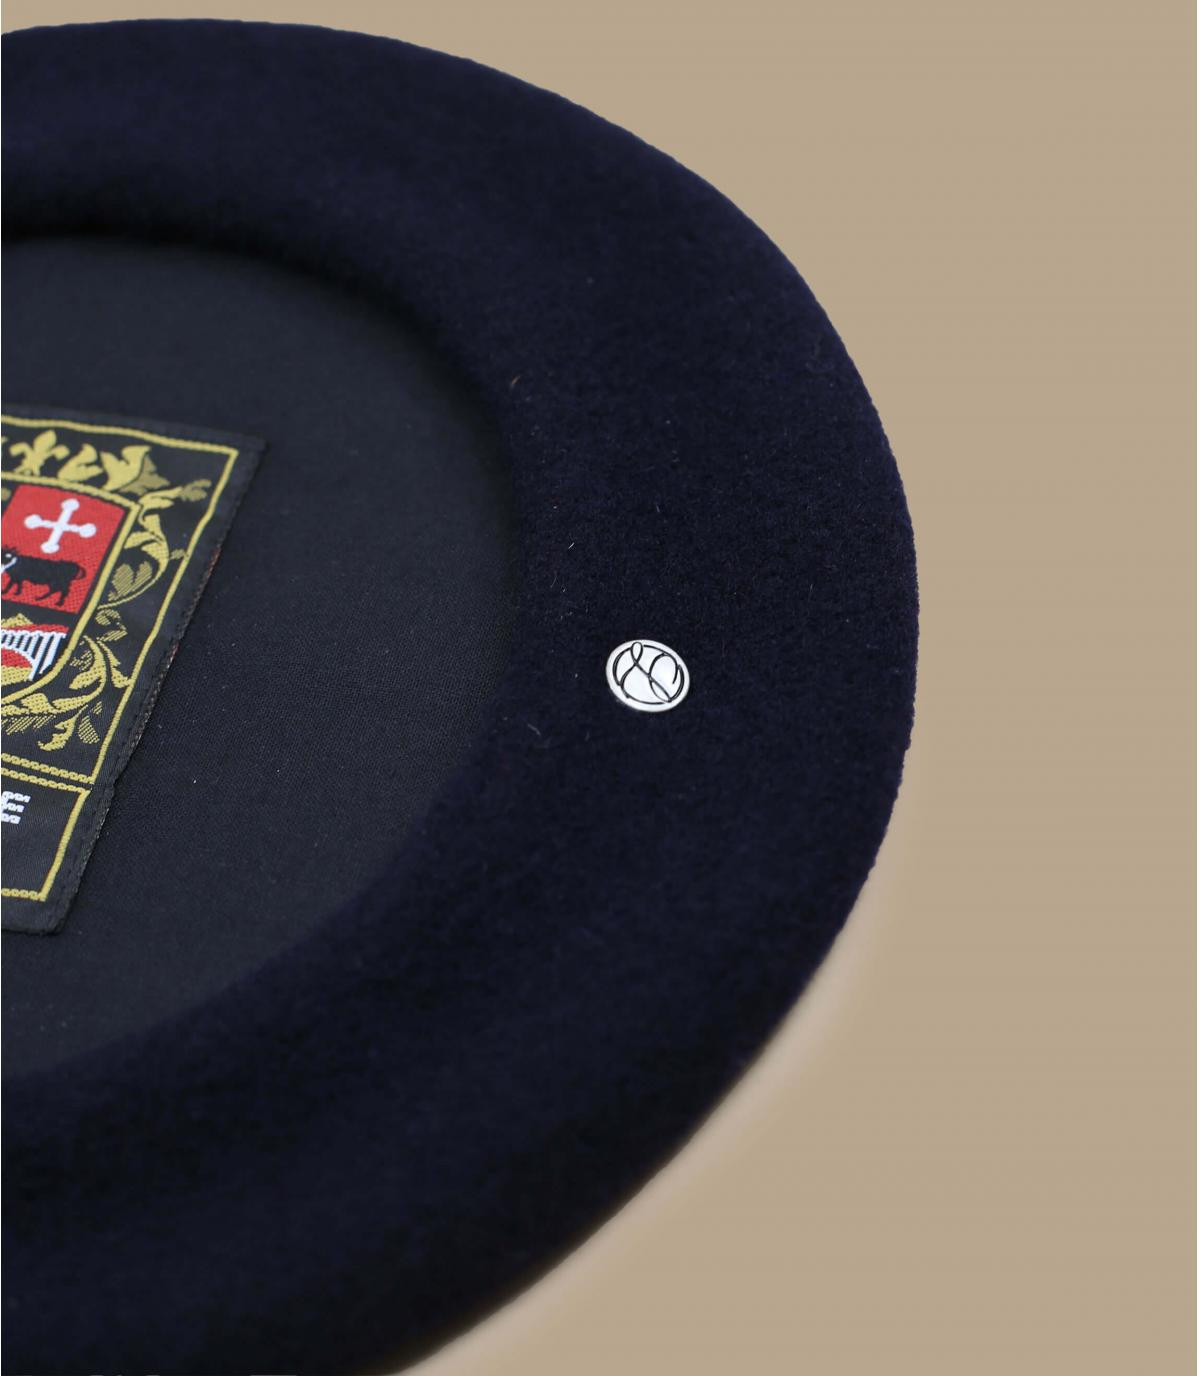 Details L'authentique blauw - afbeeling 3